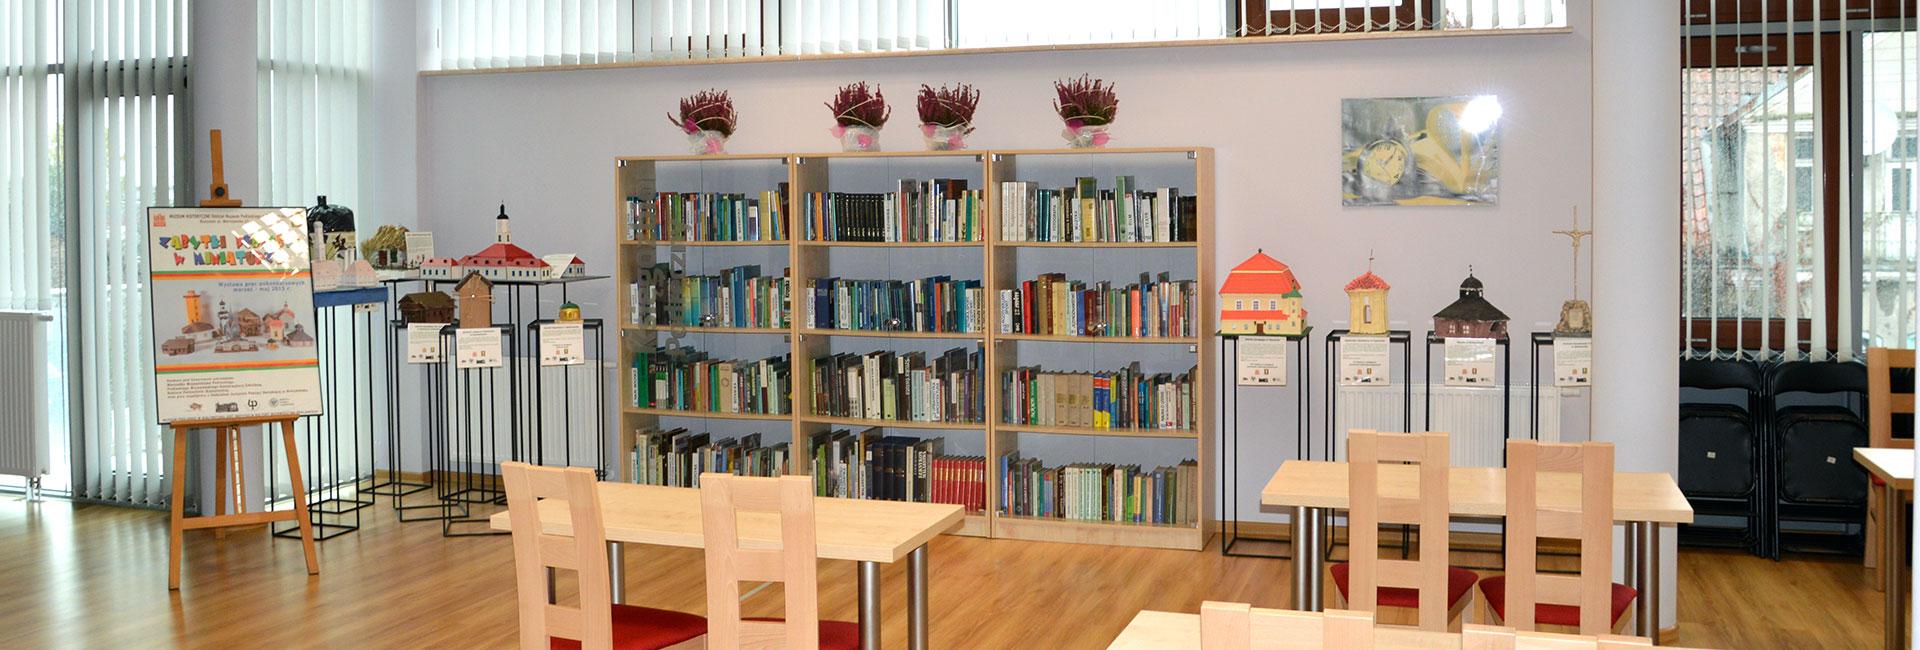 zdjęcie wnętrza sali bibliotecznej z regałami i stołami oraz krzesłami